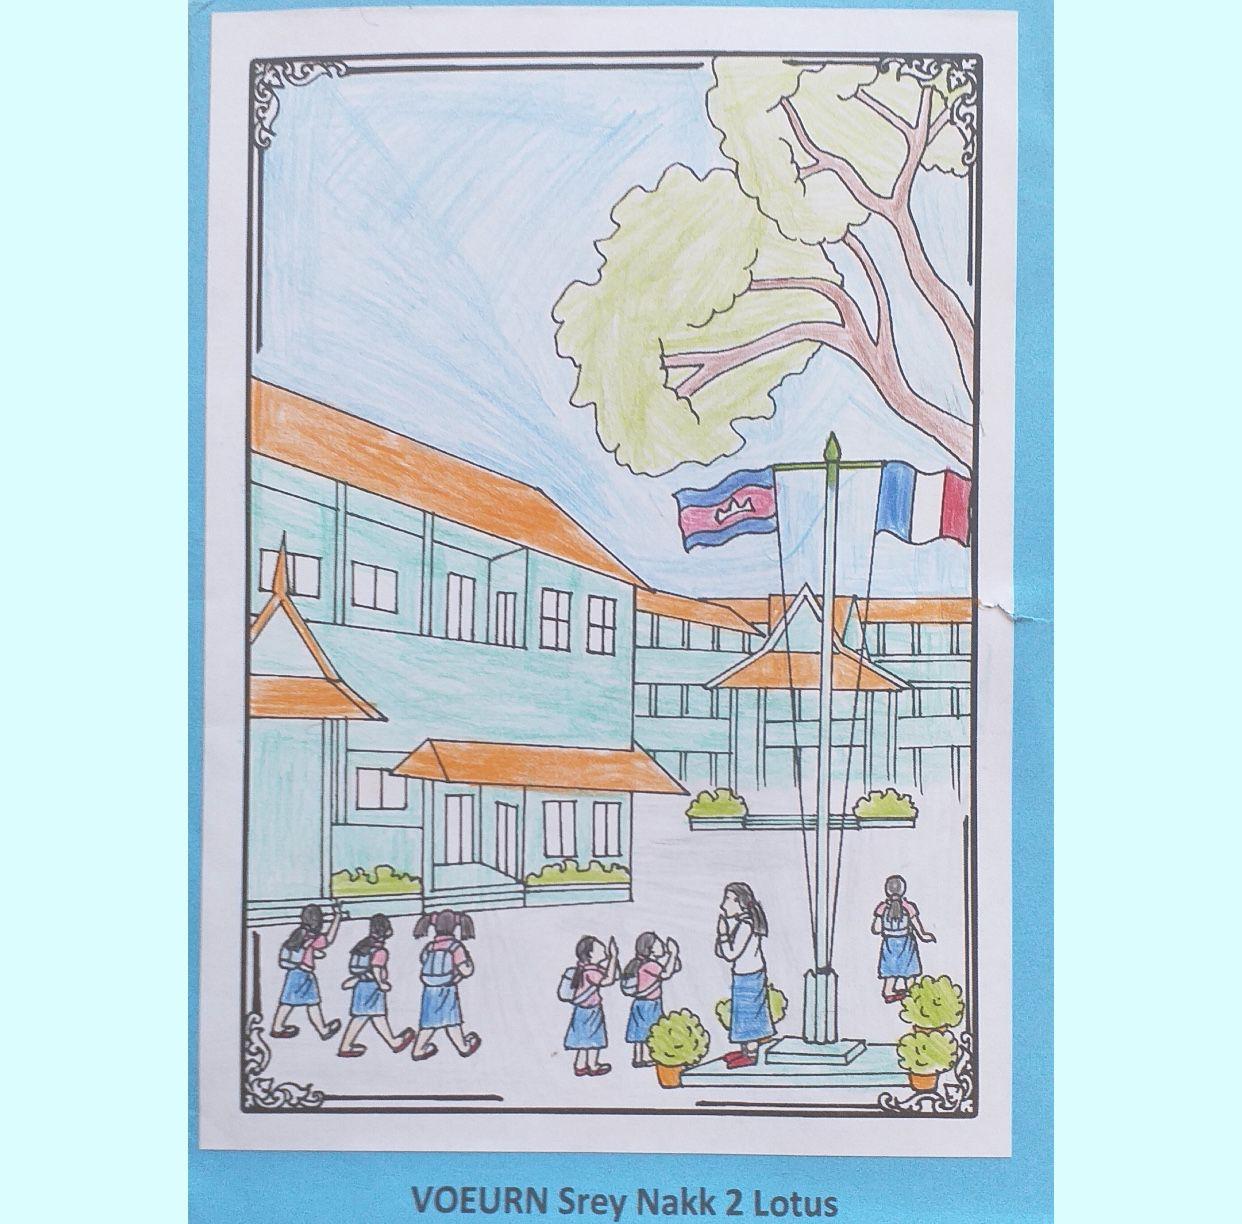 Voici des coloriages réalisés par les élèves de Lily School Paris!